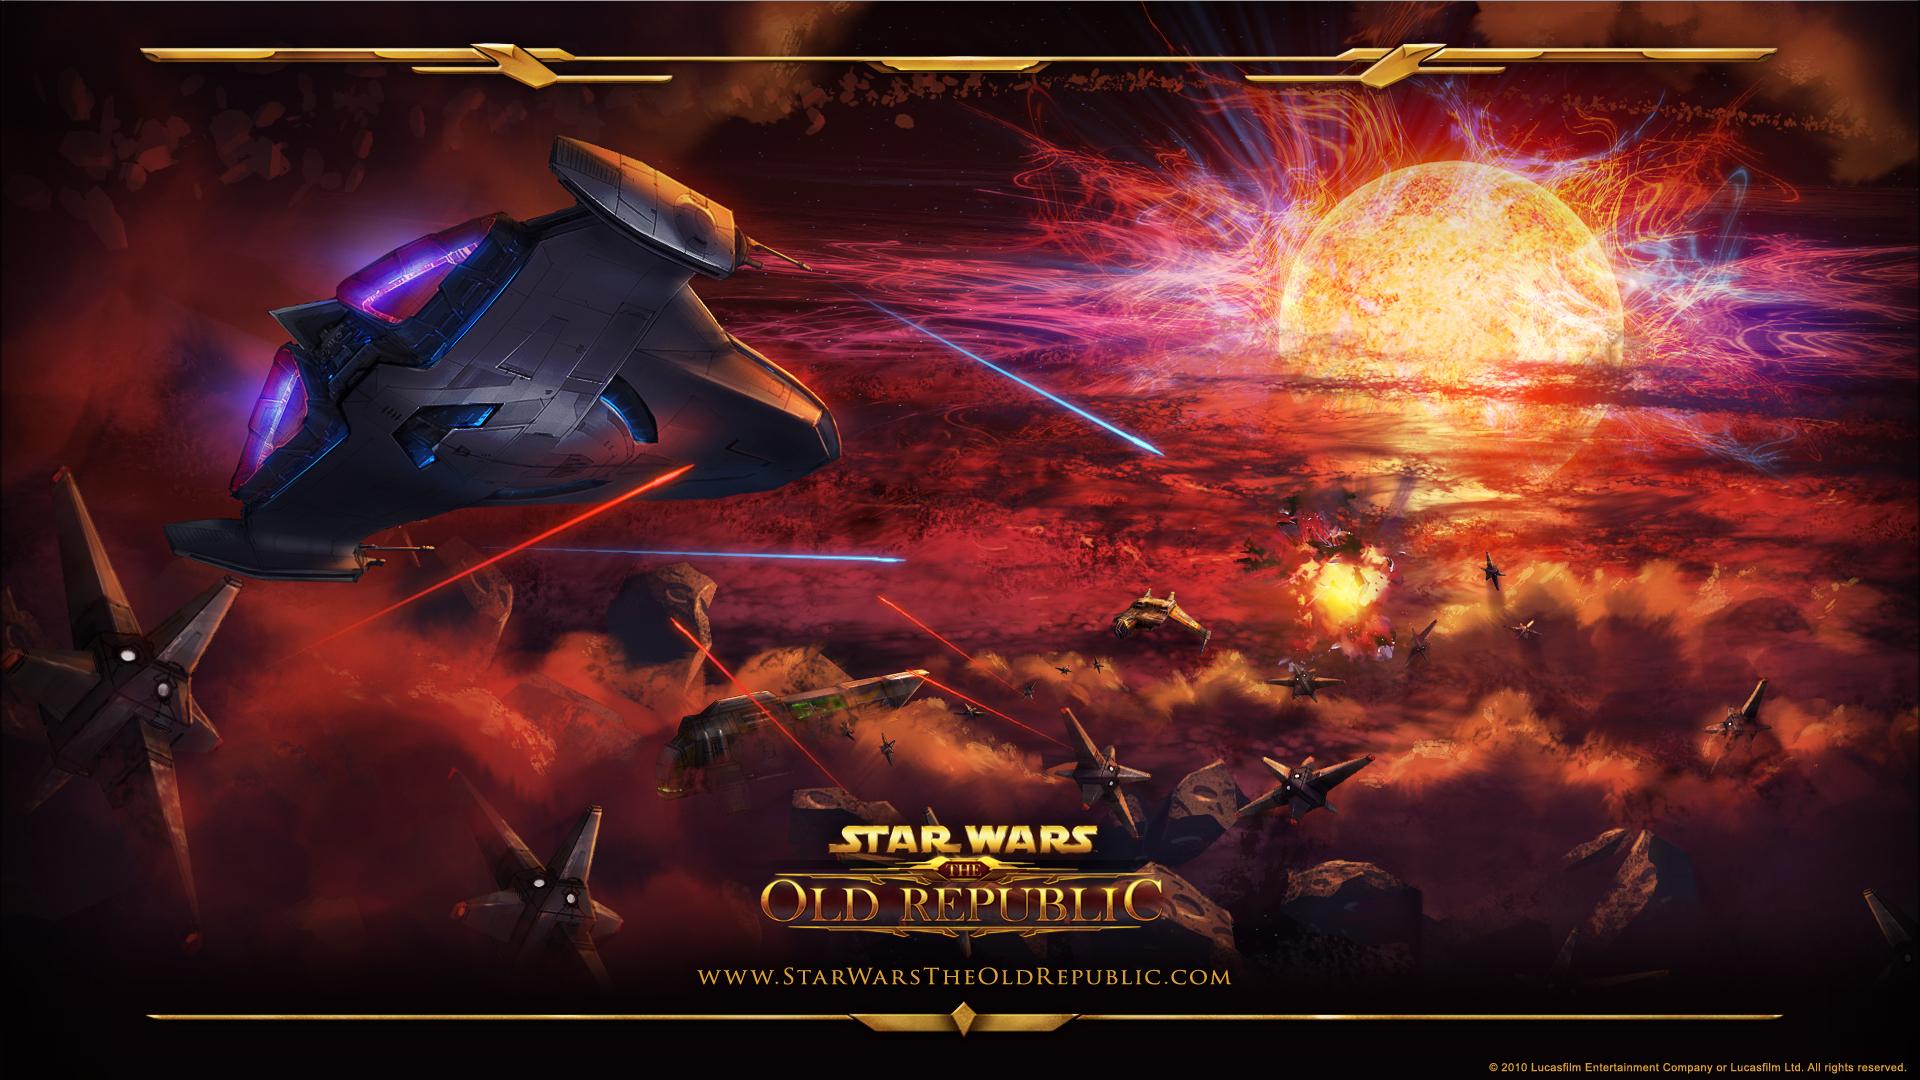 Star Wars The Old Republic X70b 1920x1080 Wallpaper Teahub Io